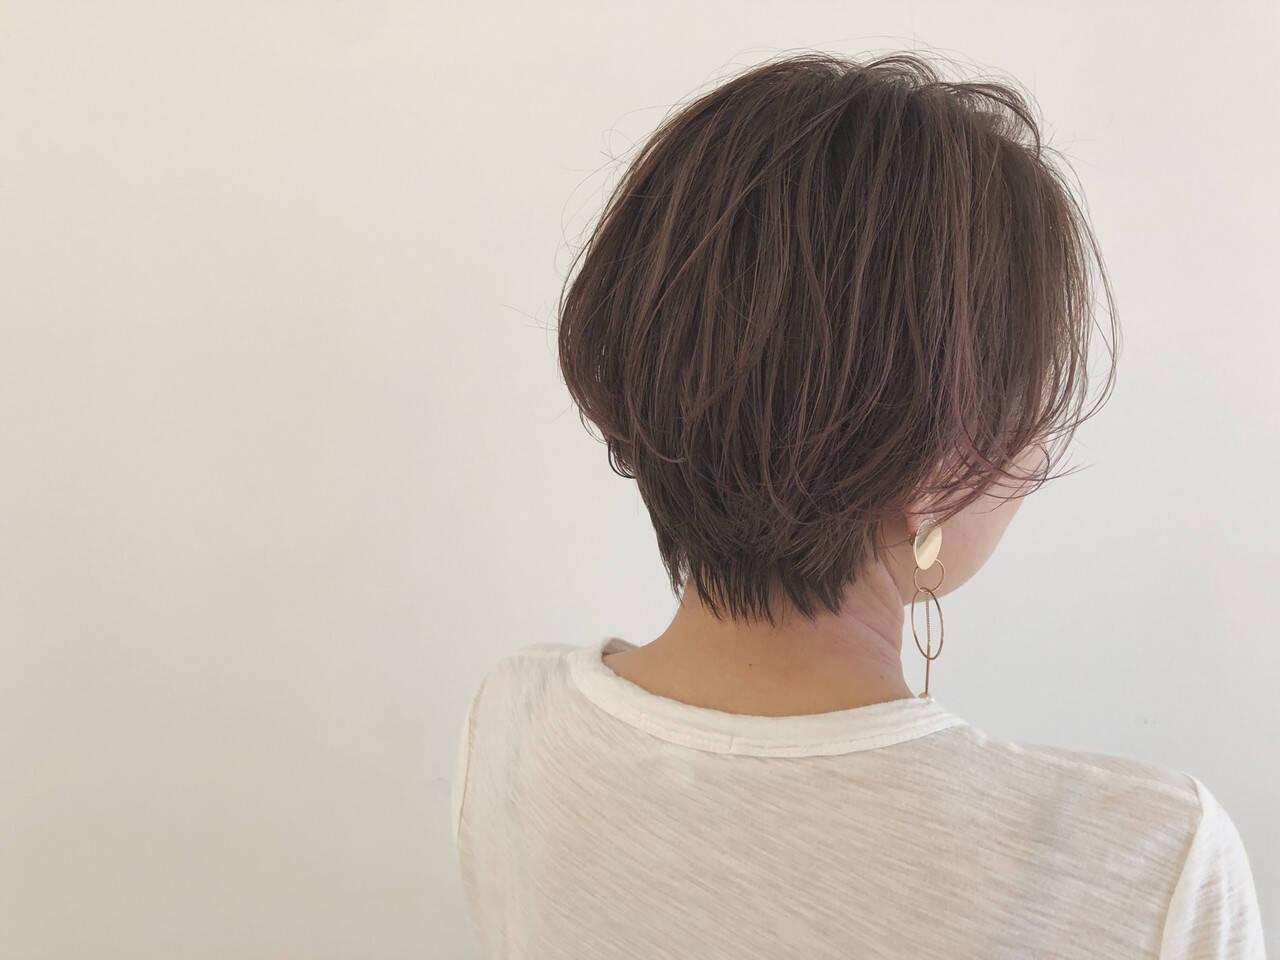 大人女子 アンニュイほつれヘア 大人かわいい ヘアアレンジヘアスタイルや髪型の写真・画像